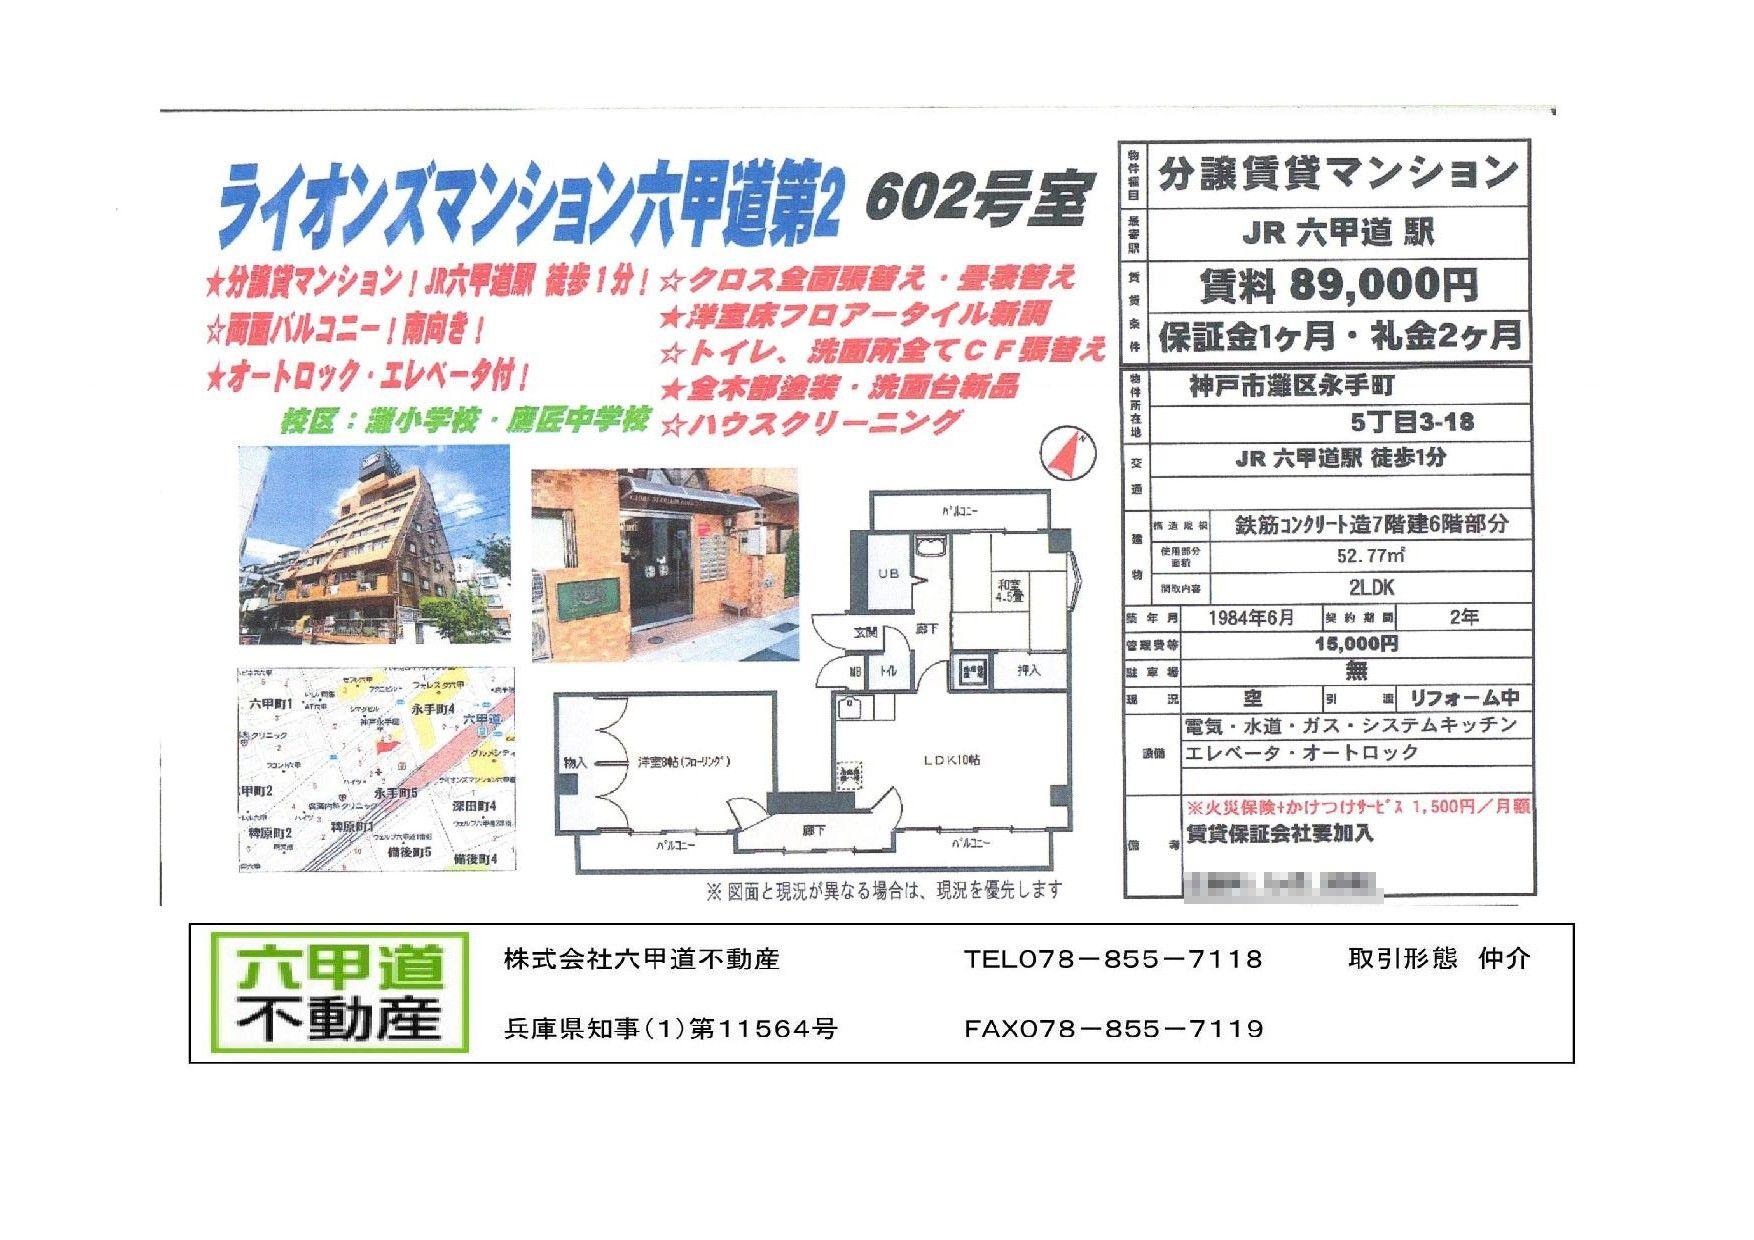 (終了)永手町5丁目のライオンズマンション六甲道第2です!!602